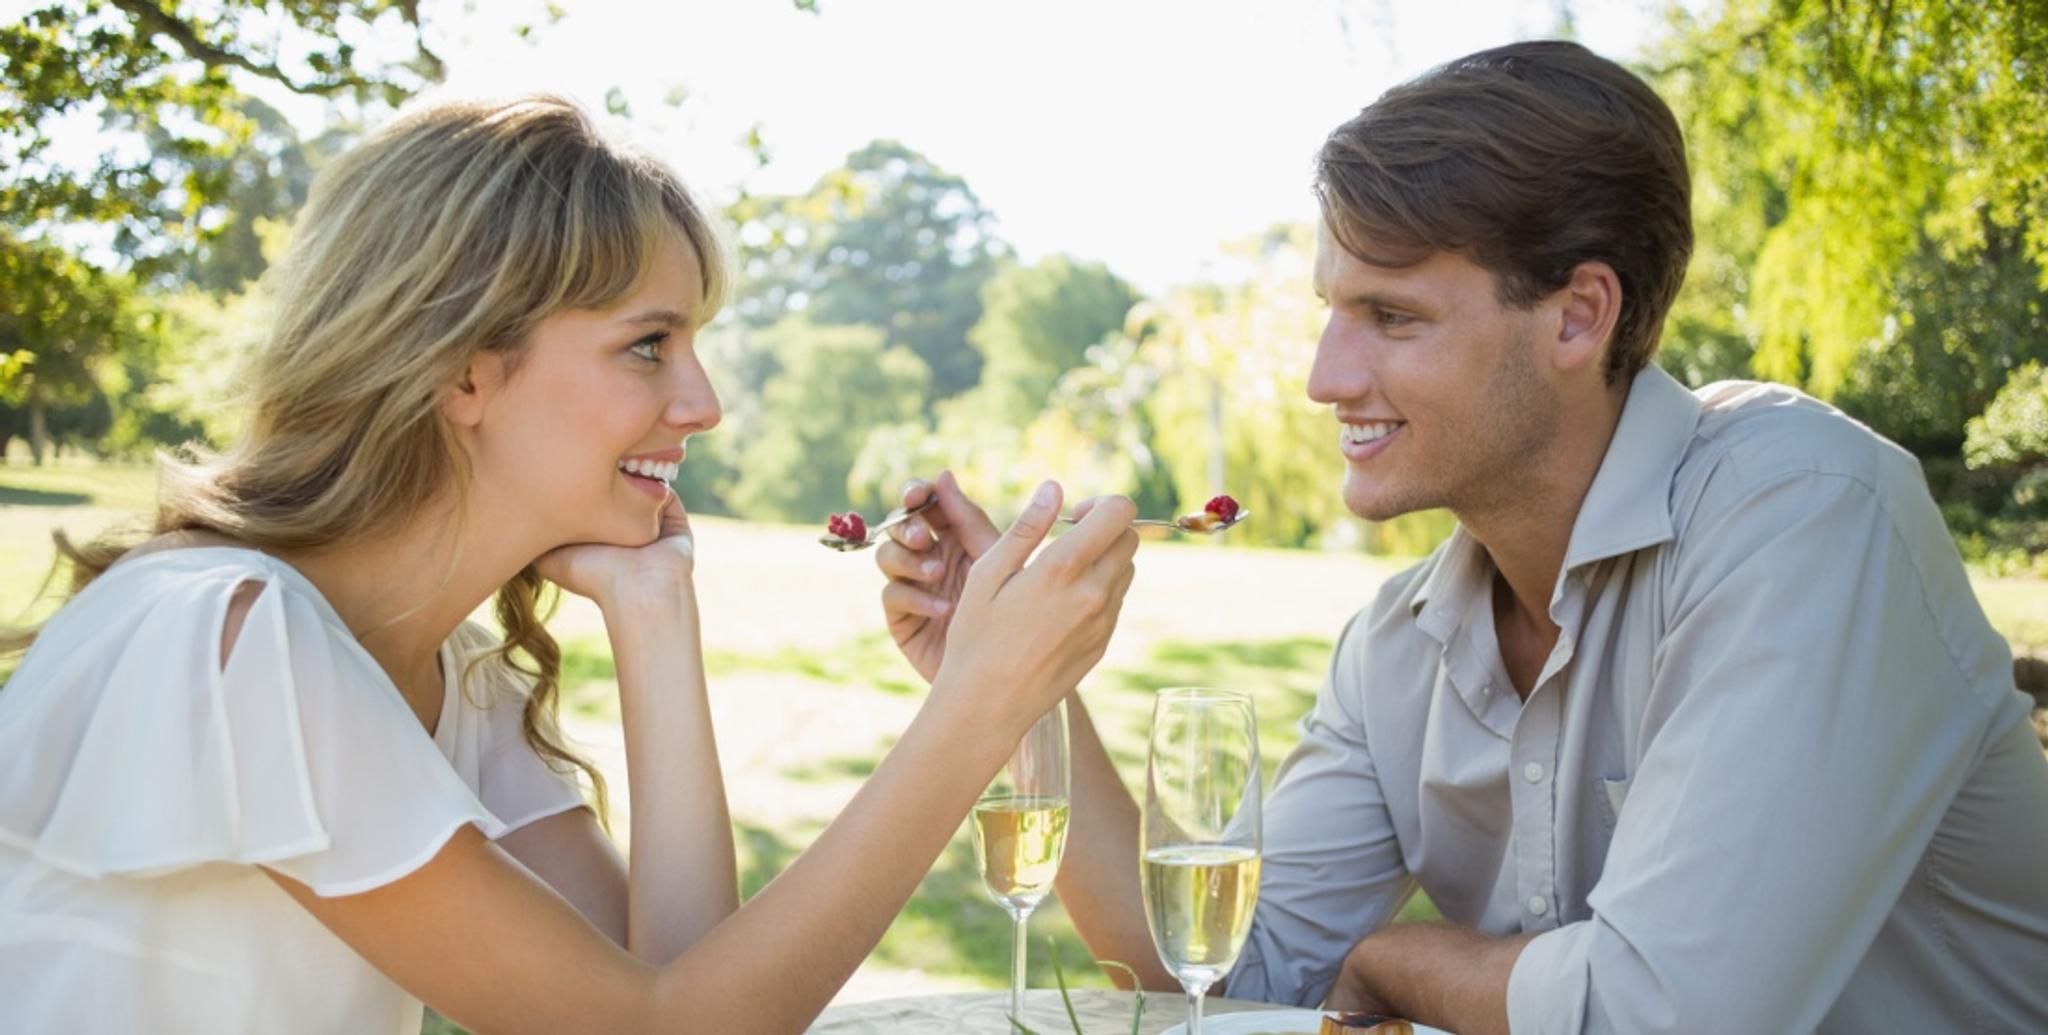 Vapaa dating sites vammaisten UK